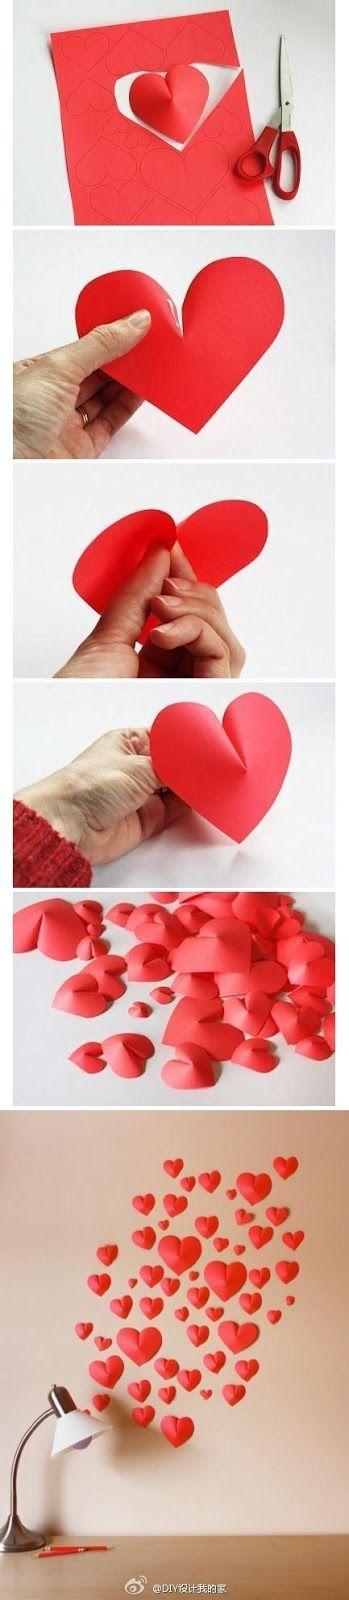 saint valentine lyrics gregory alan isakov